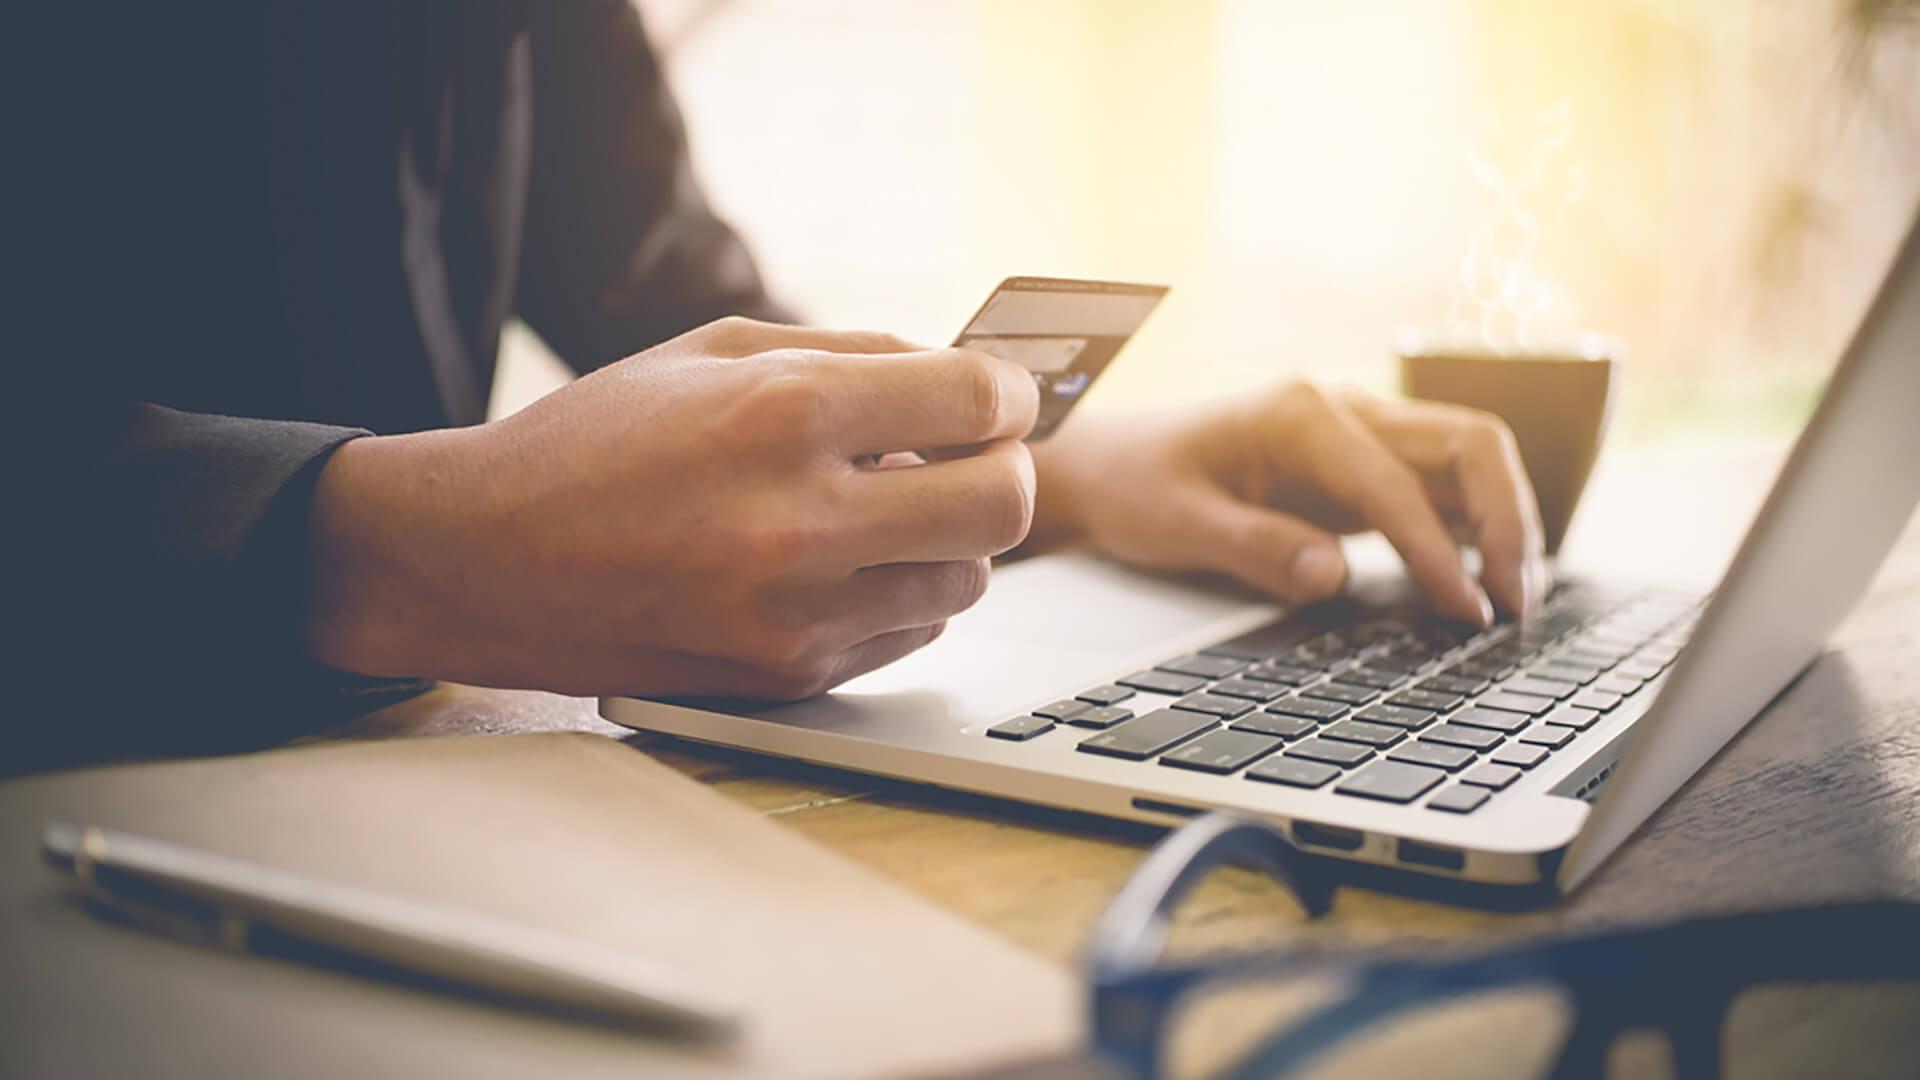 банк открытие оплатить кредит с карты